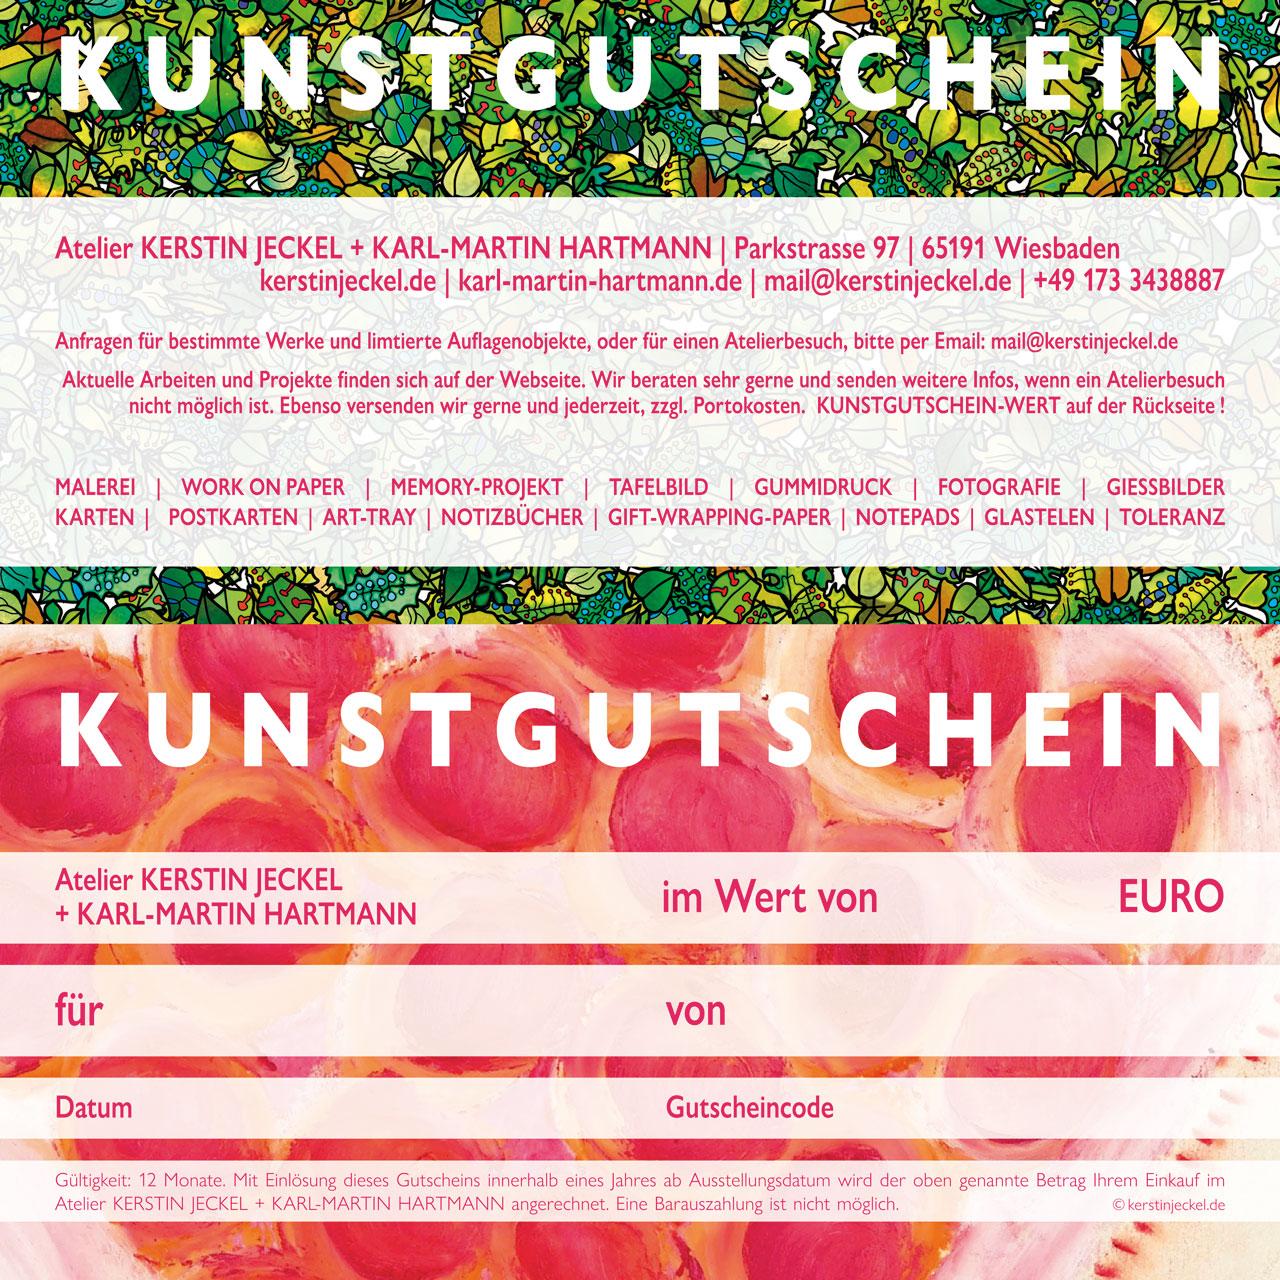 KUNSTGUTSCHEIN | © Kerstin Jeckel + Karl-Martin Hartmann | 2021